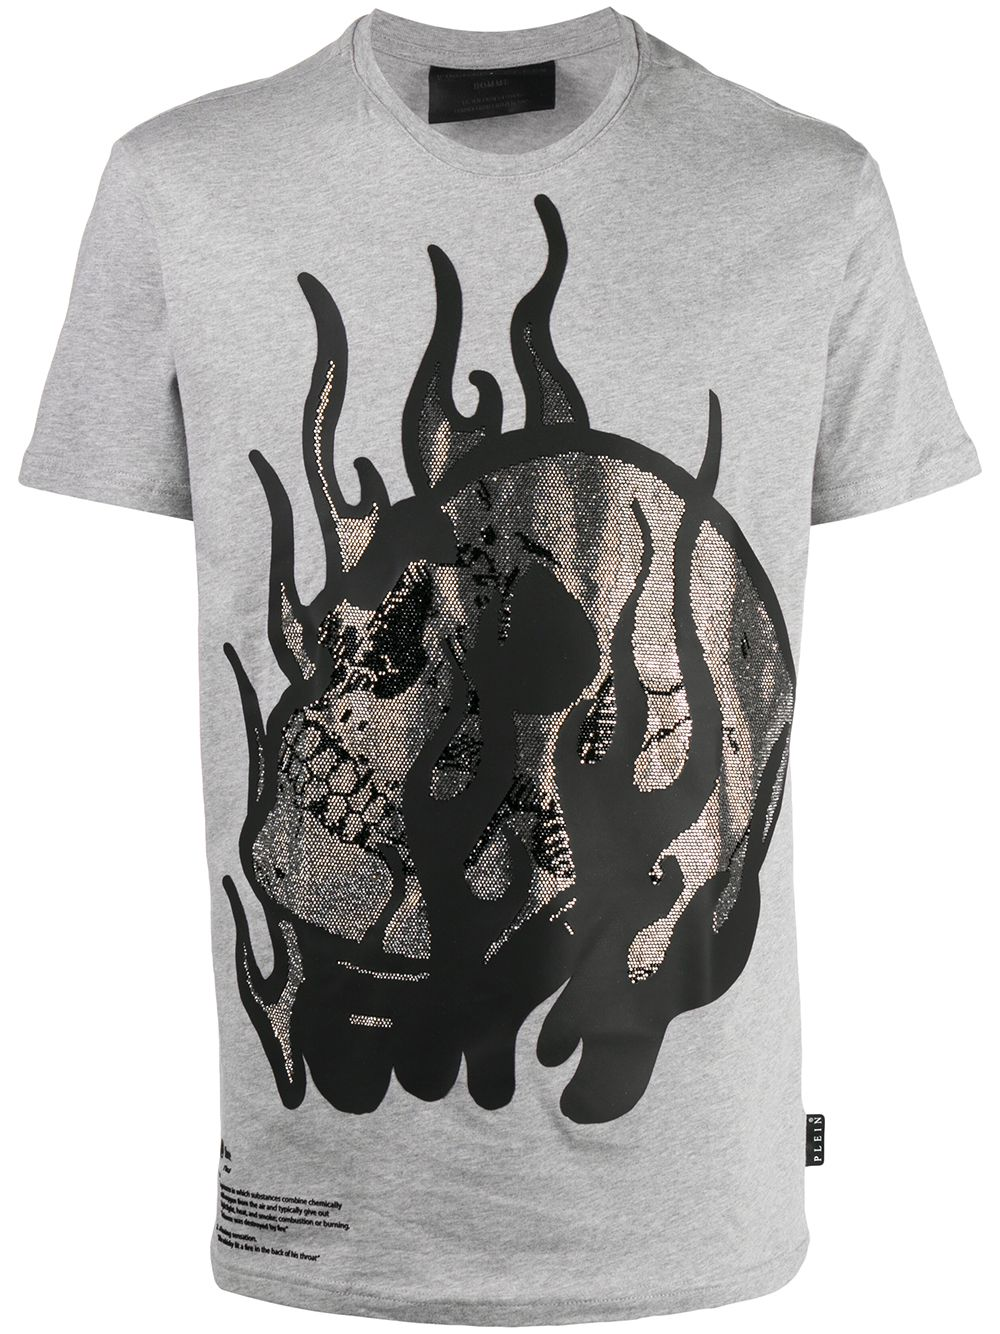 Philipp Plein T-Shirt mit Totenkopf - Grau